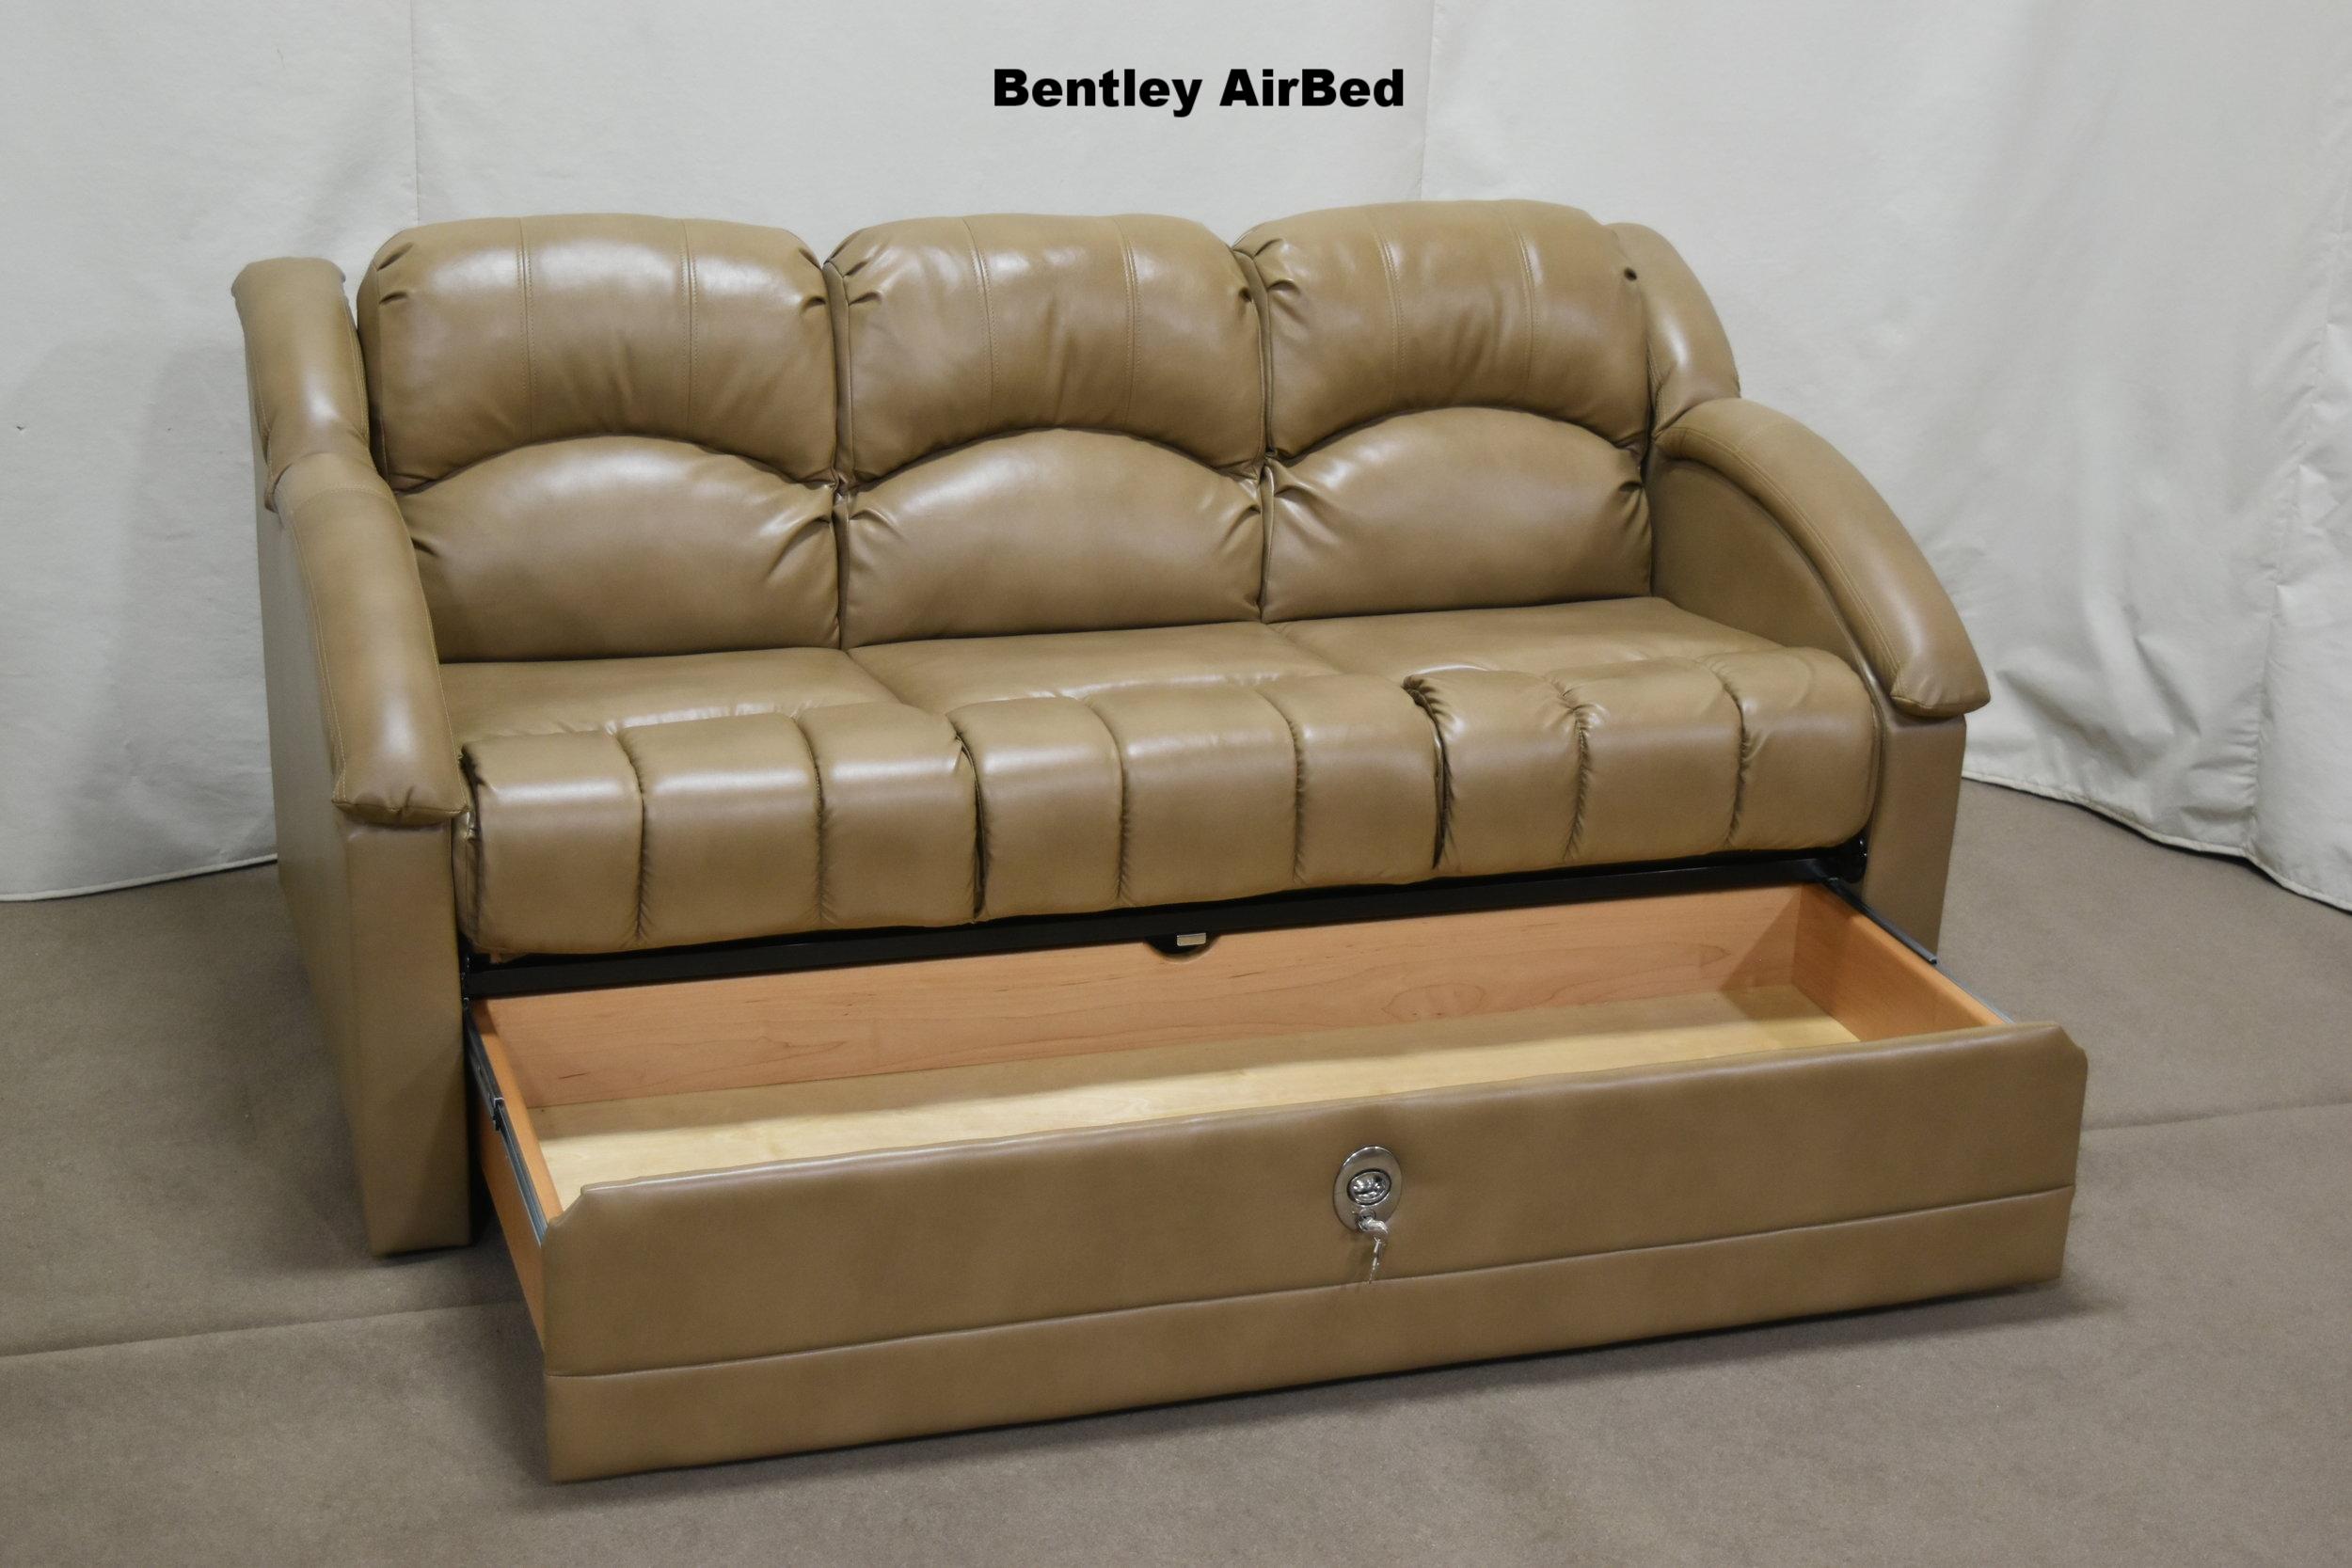 Bentley Airbed (3).JPG